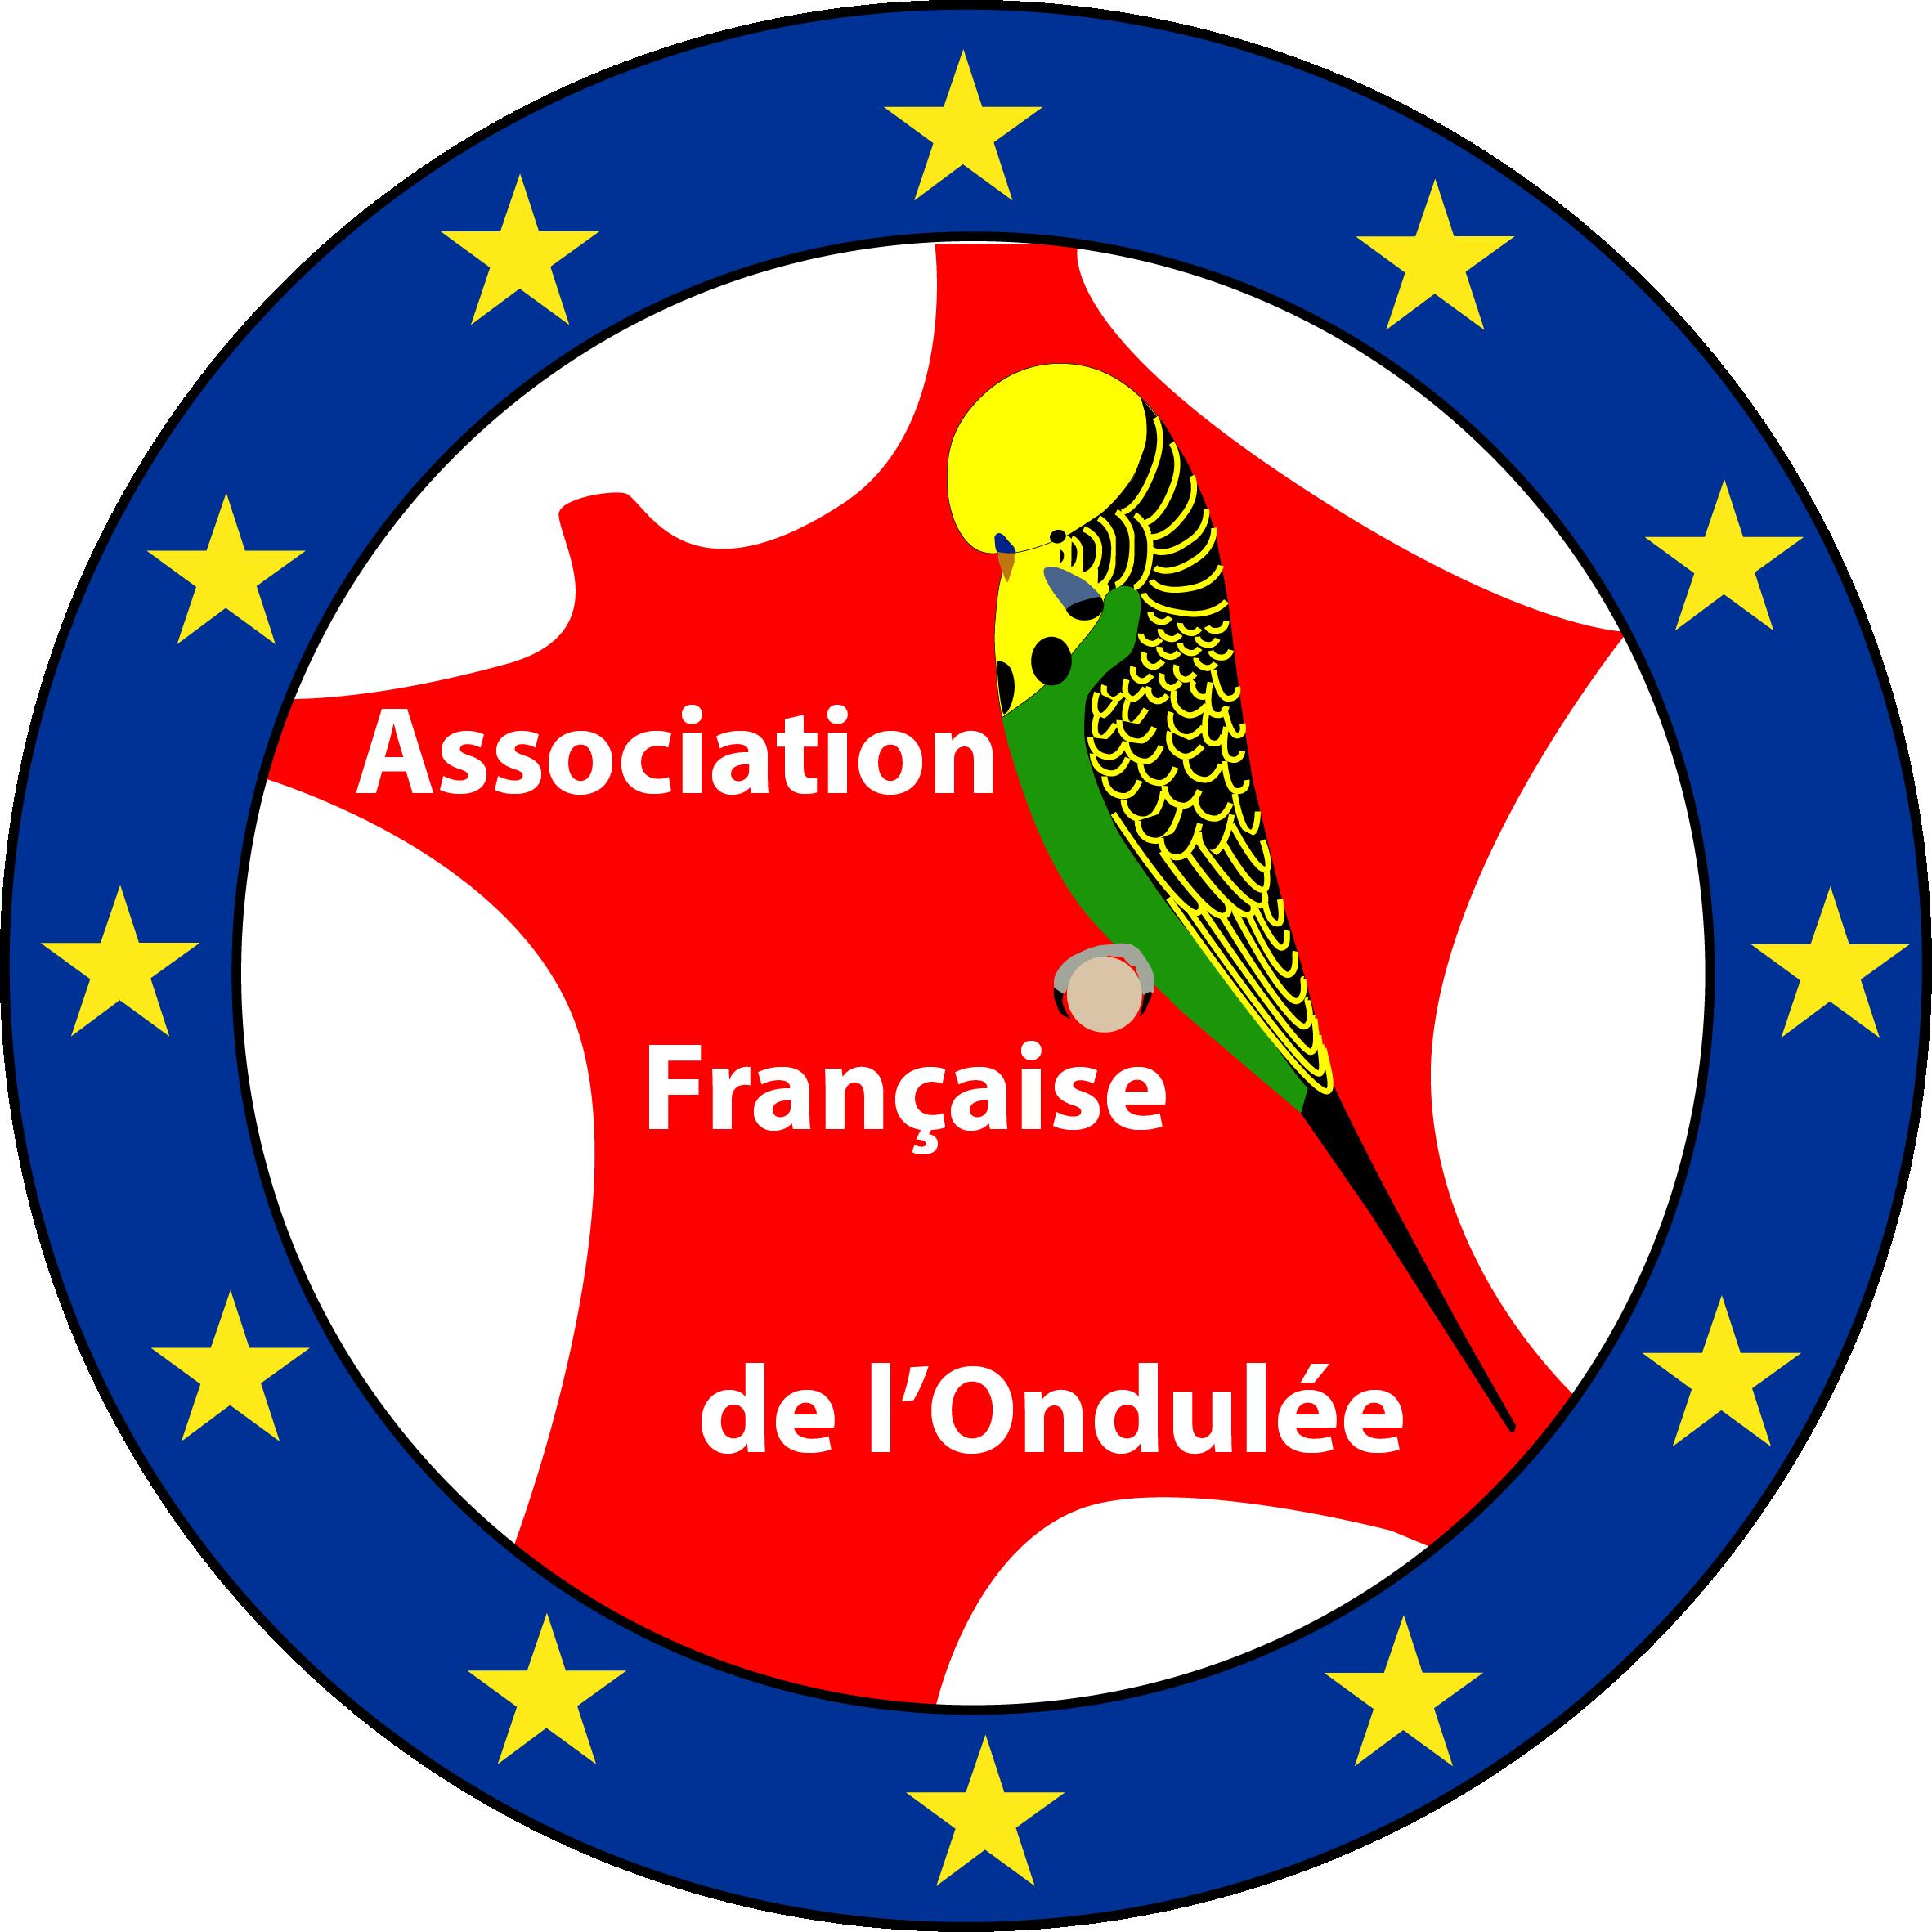 Association Française de l'Ondulée